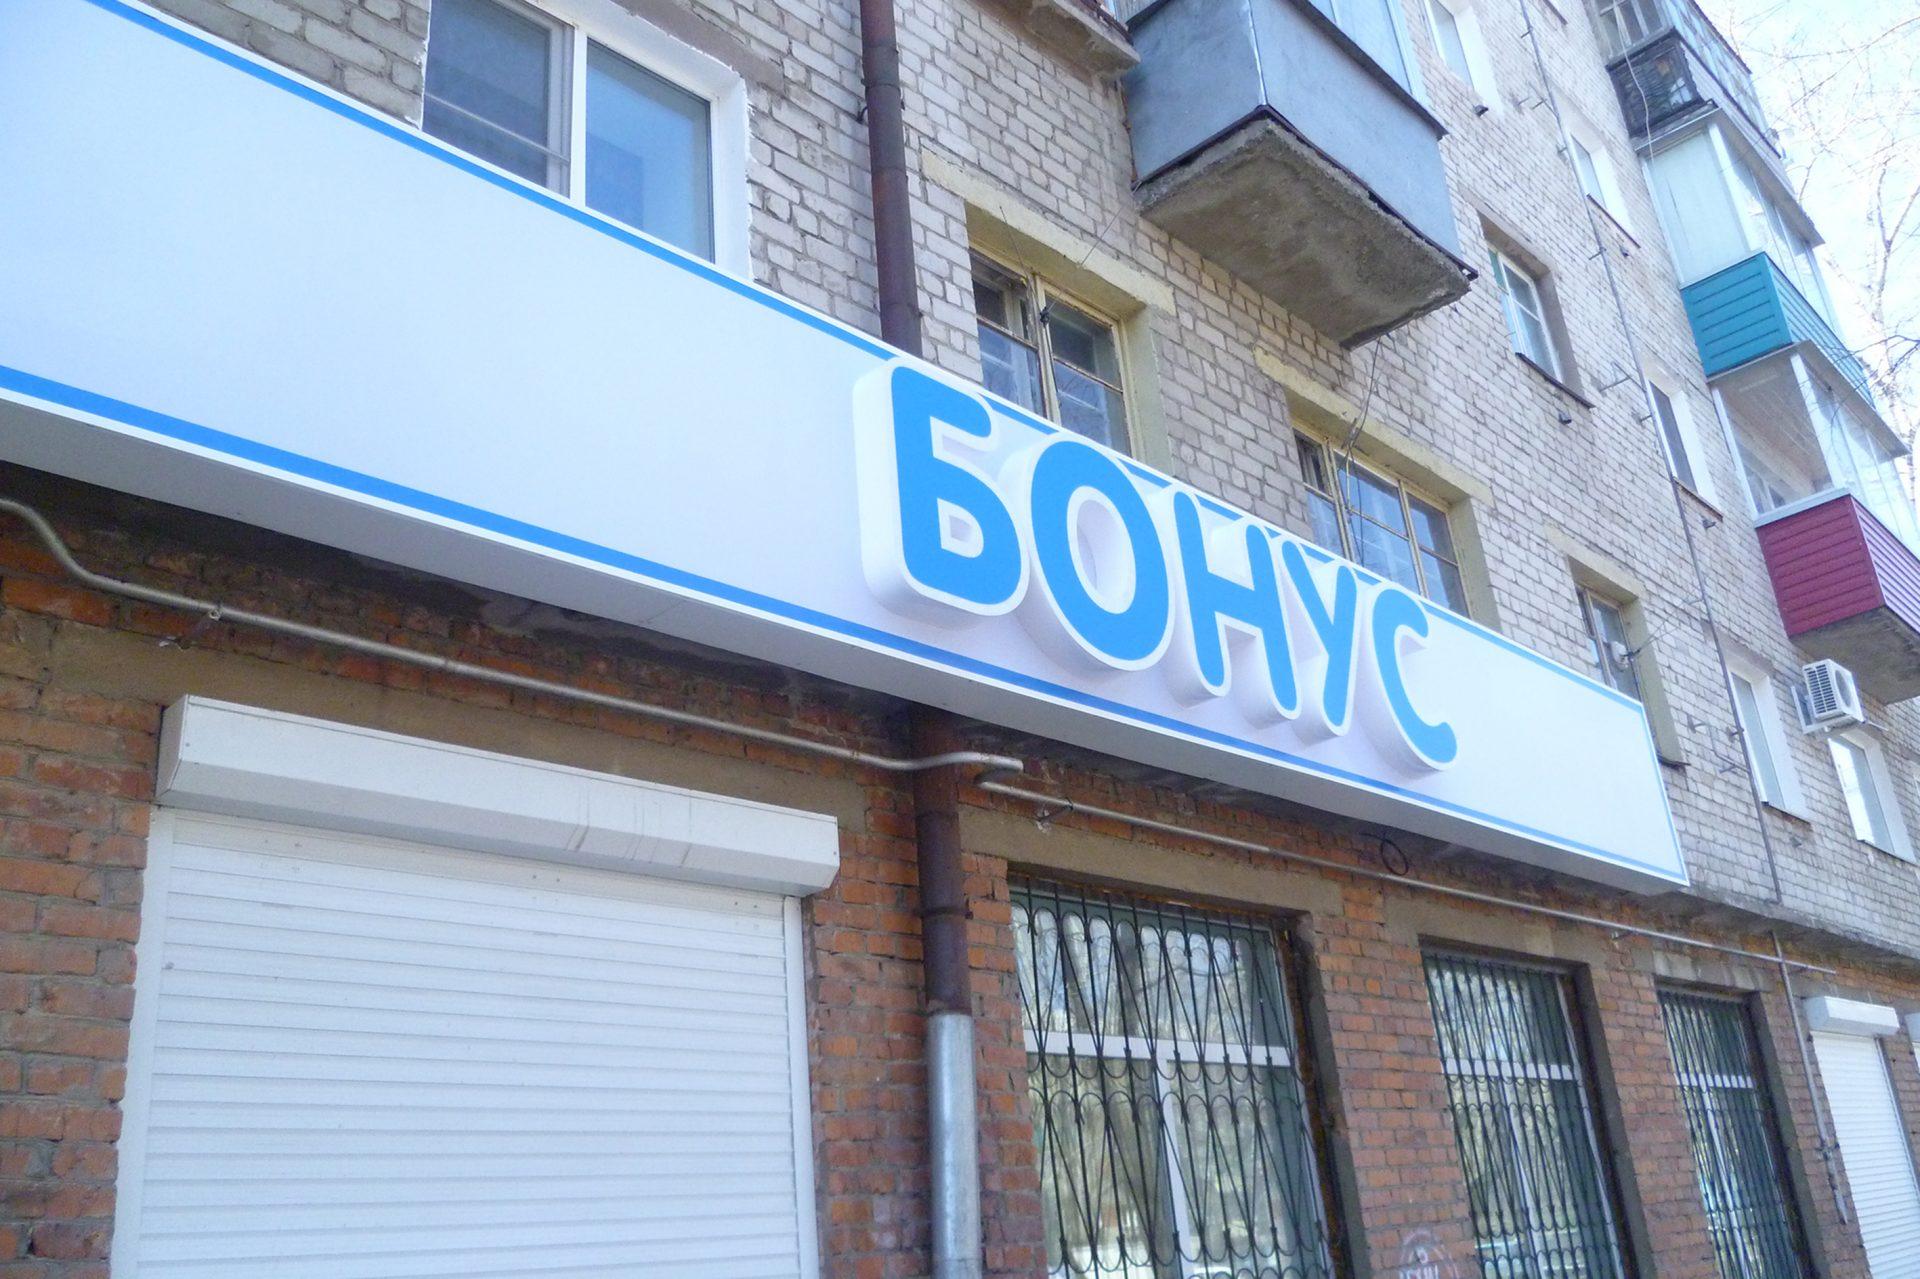 Бонус, Новоторг, фирменный магазин